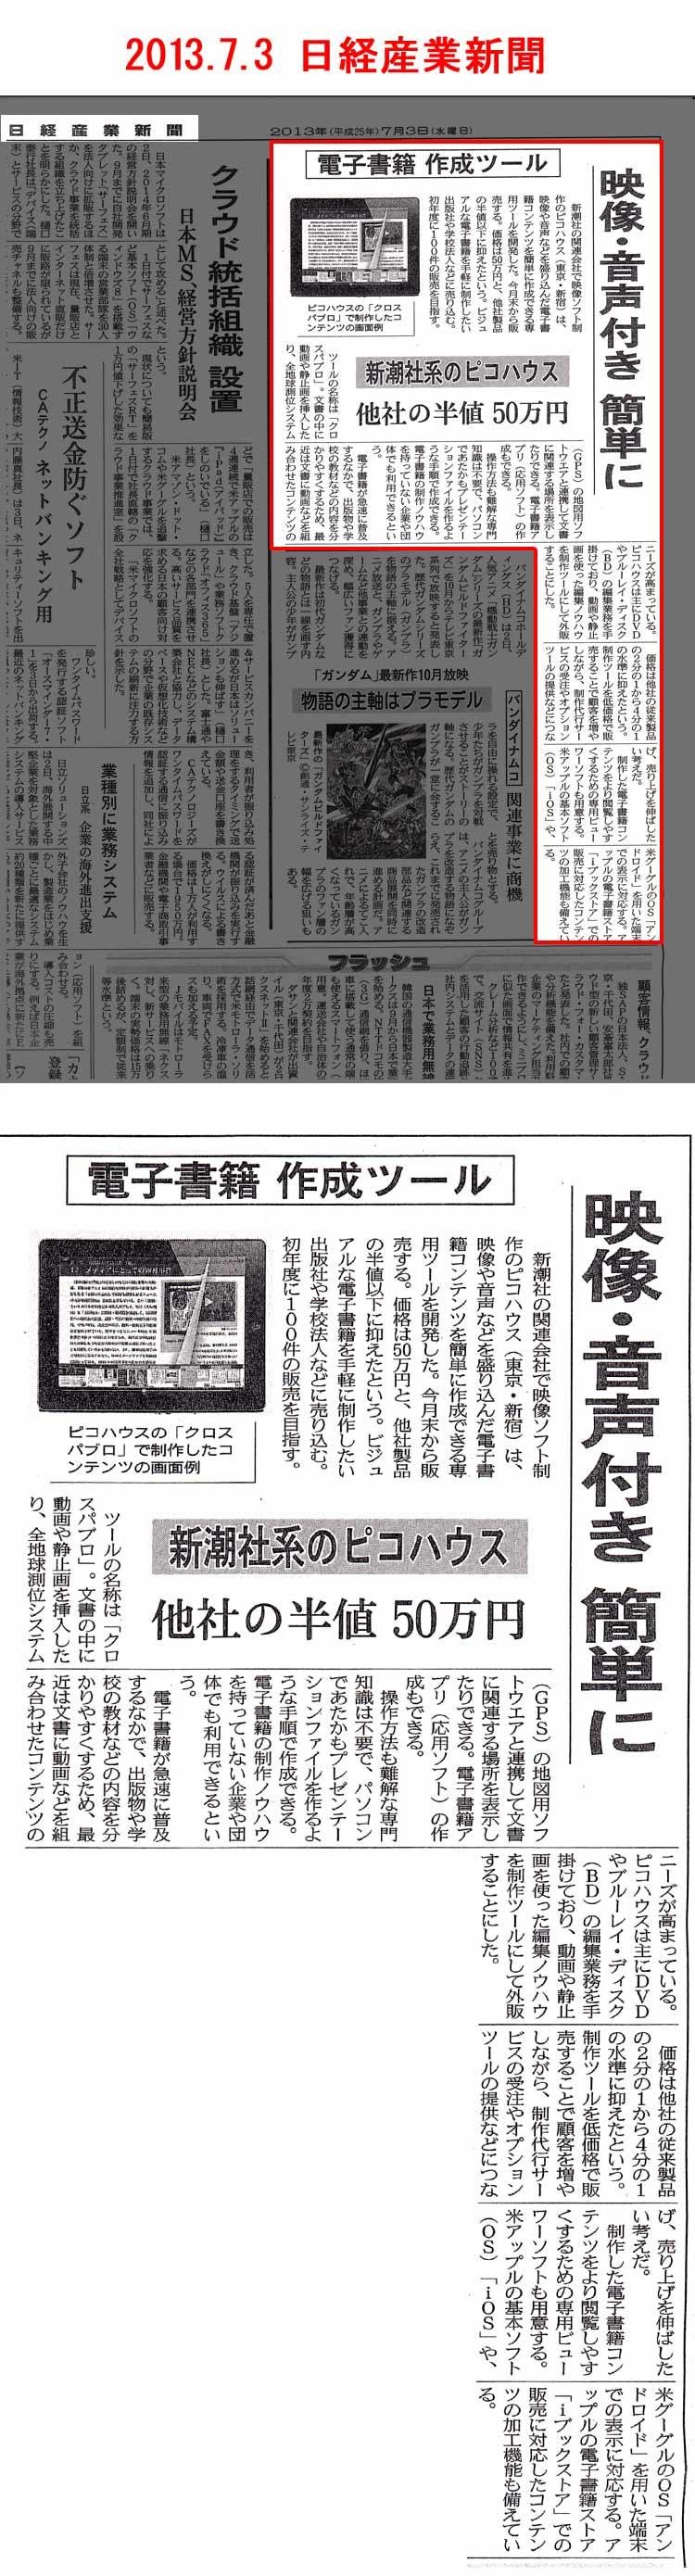 2013.7.3 日経産業新聞